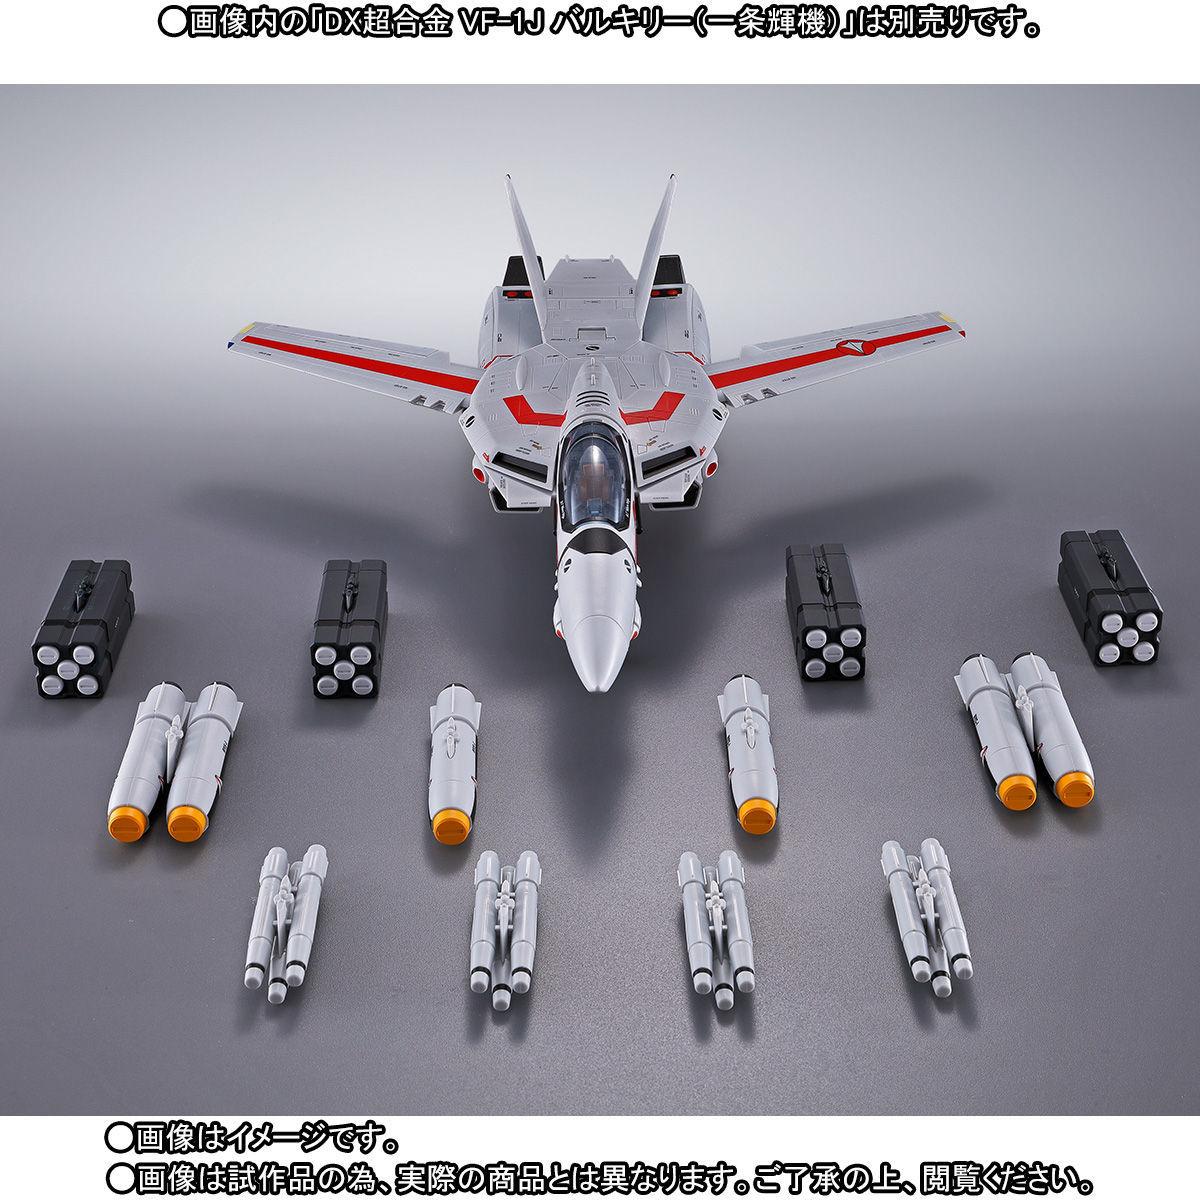 DX超合金 VF-1対応ミサイルセット (VF-1J バルキリー 一条輝機 本体付属無し) マクロス 新品_画像7